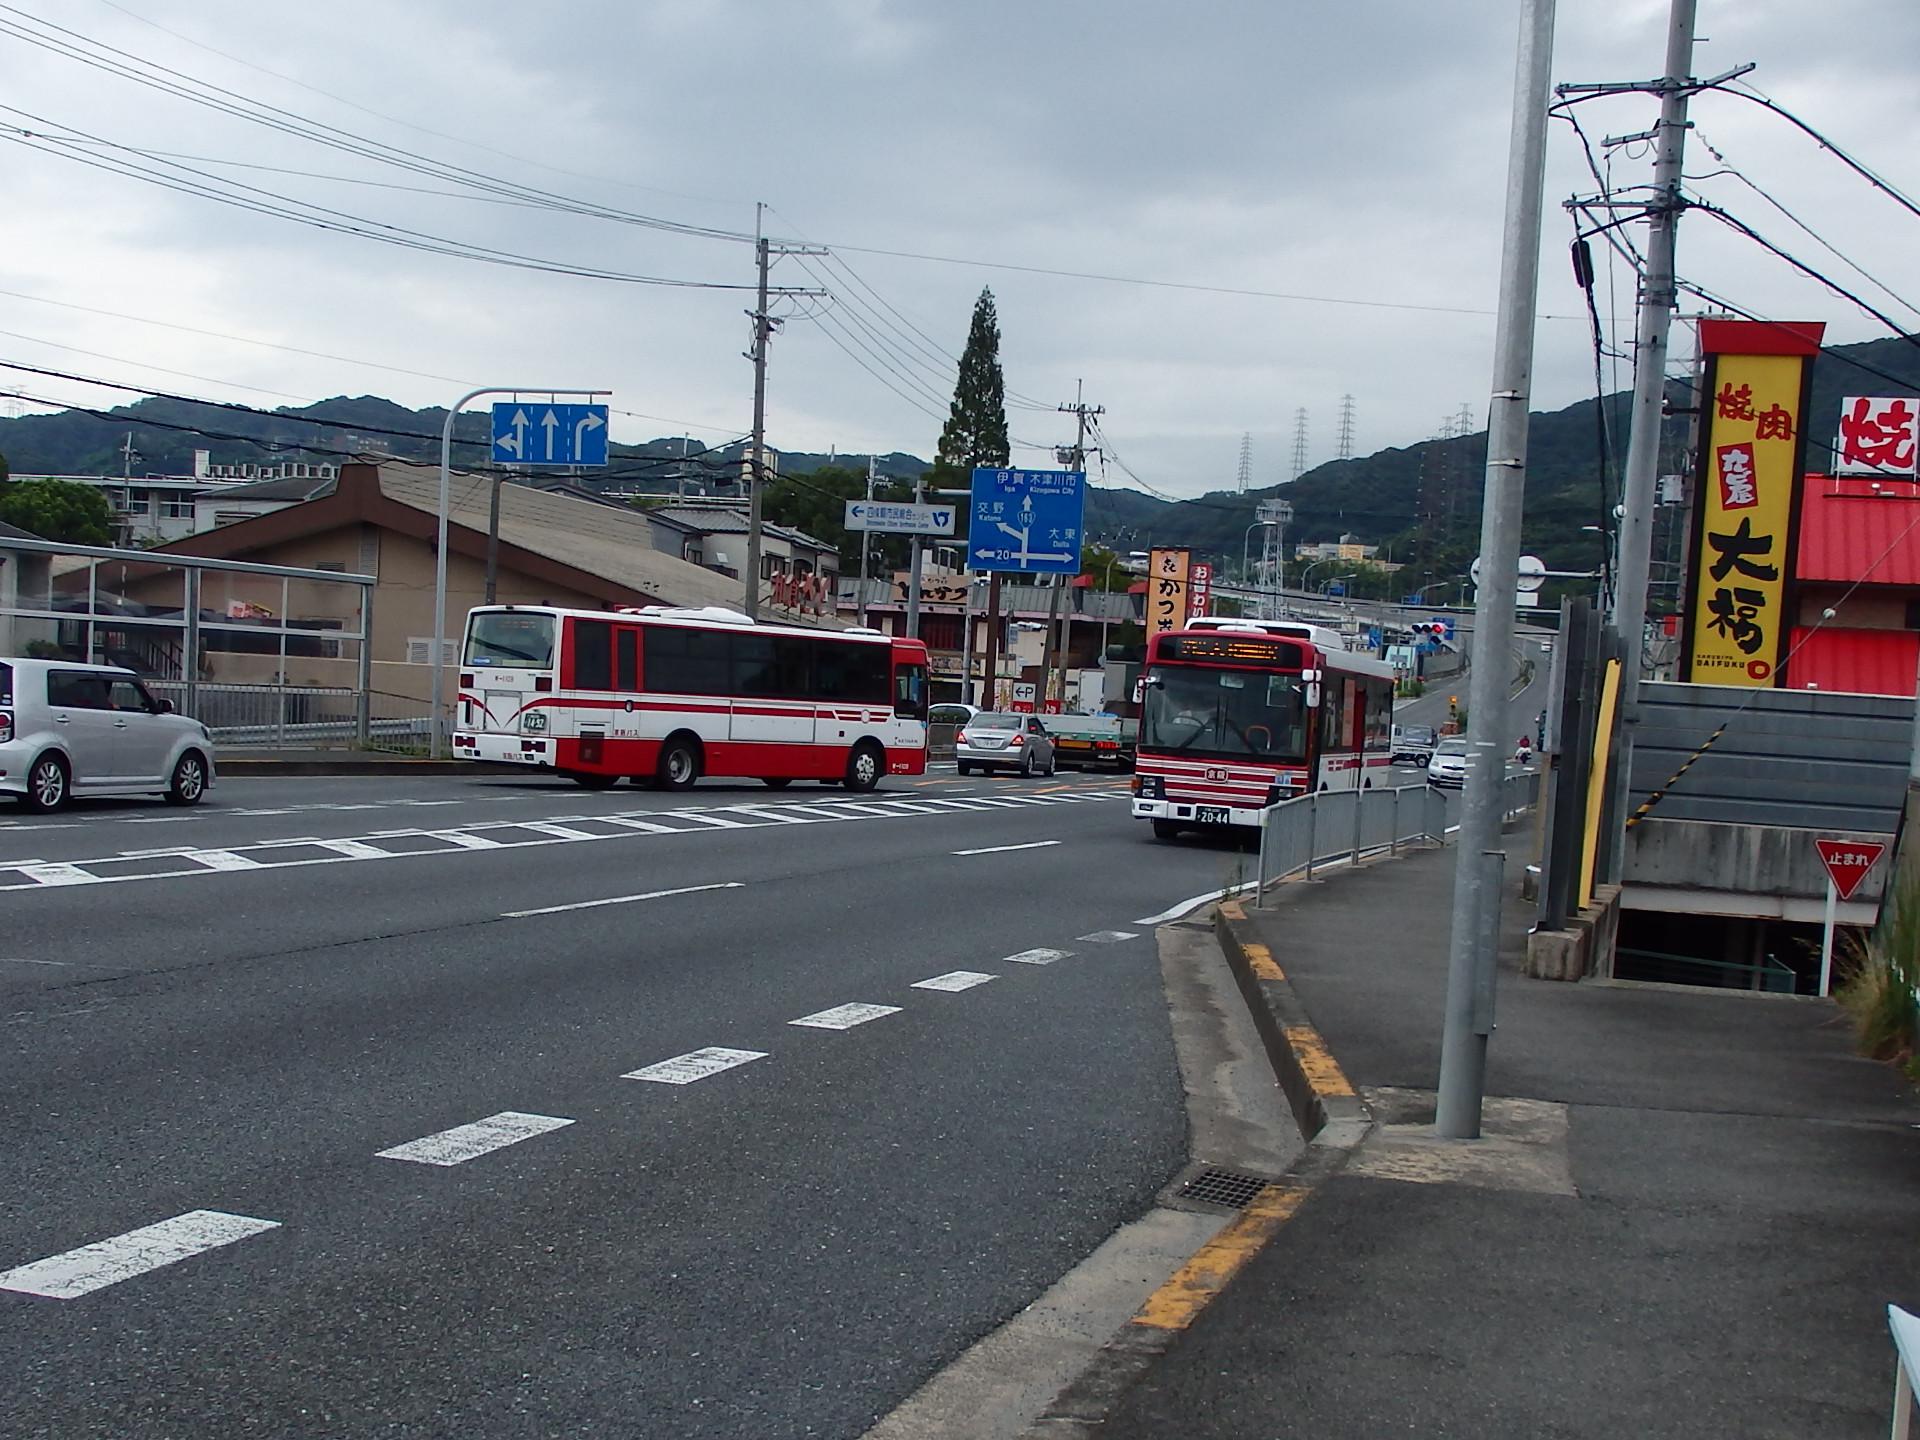 21系統大和田行京阪バスです。